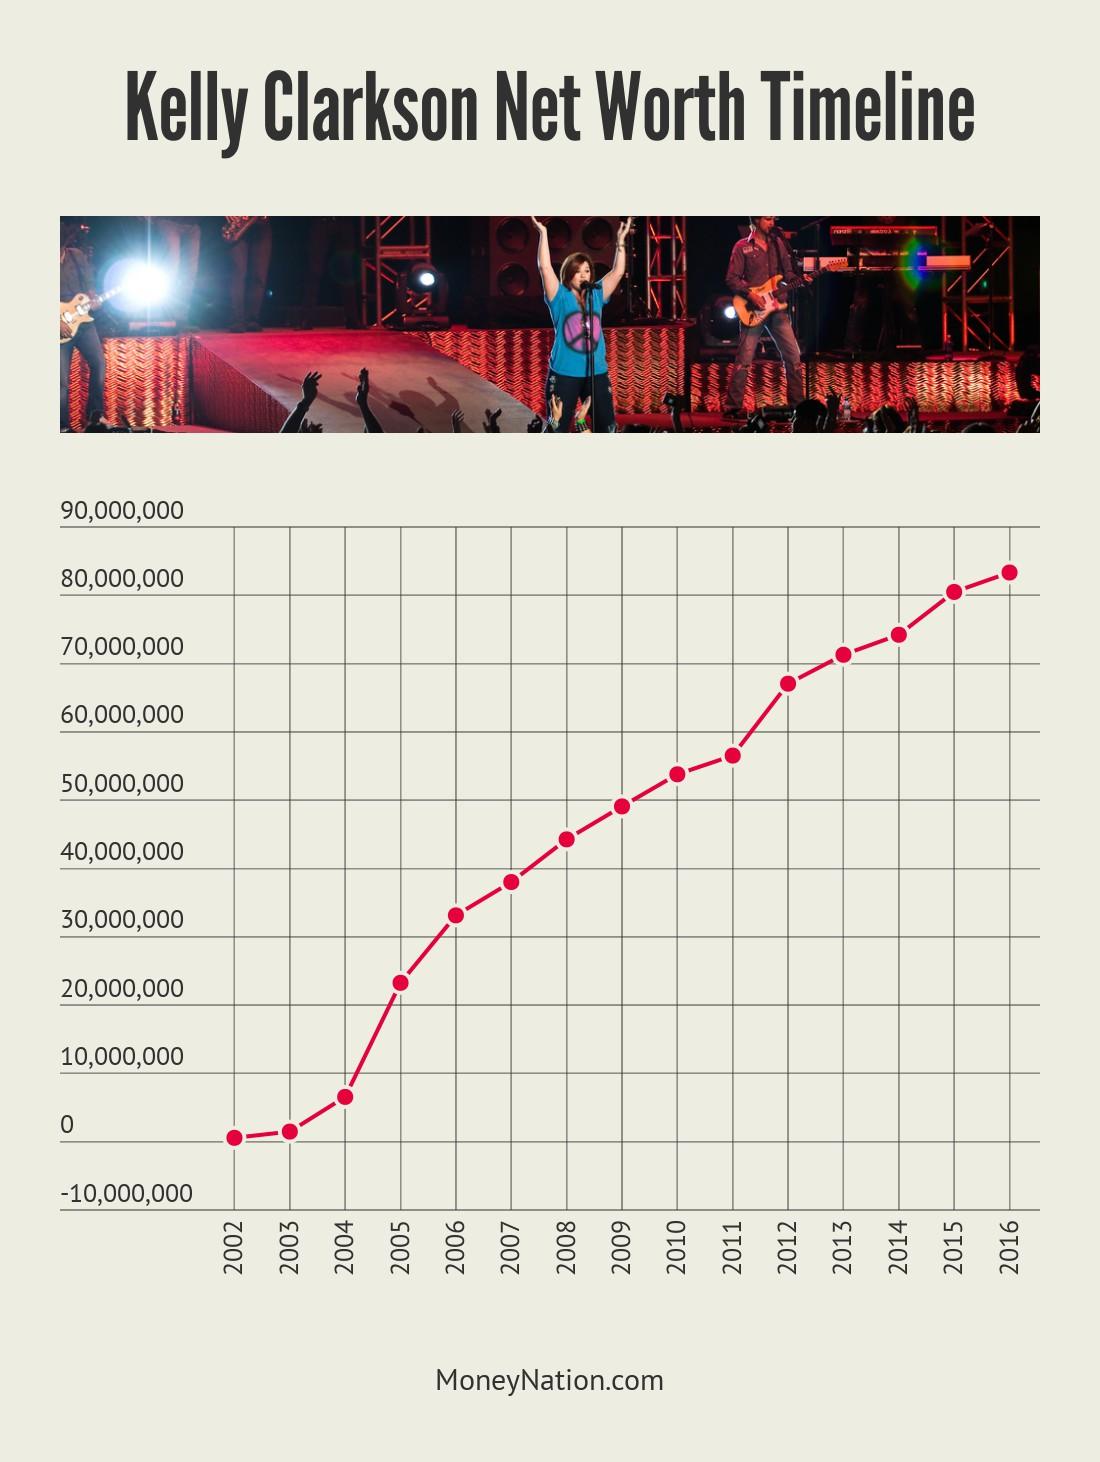 Kelly Clarkson net worth timeline